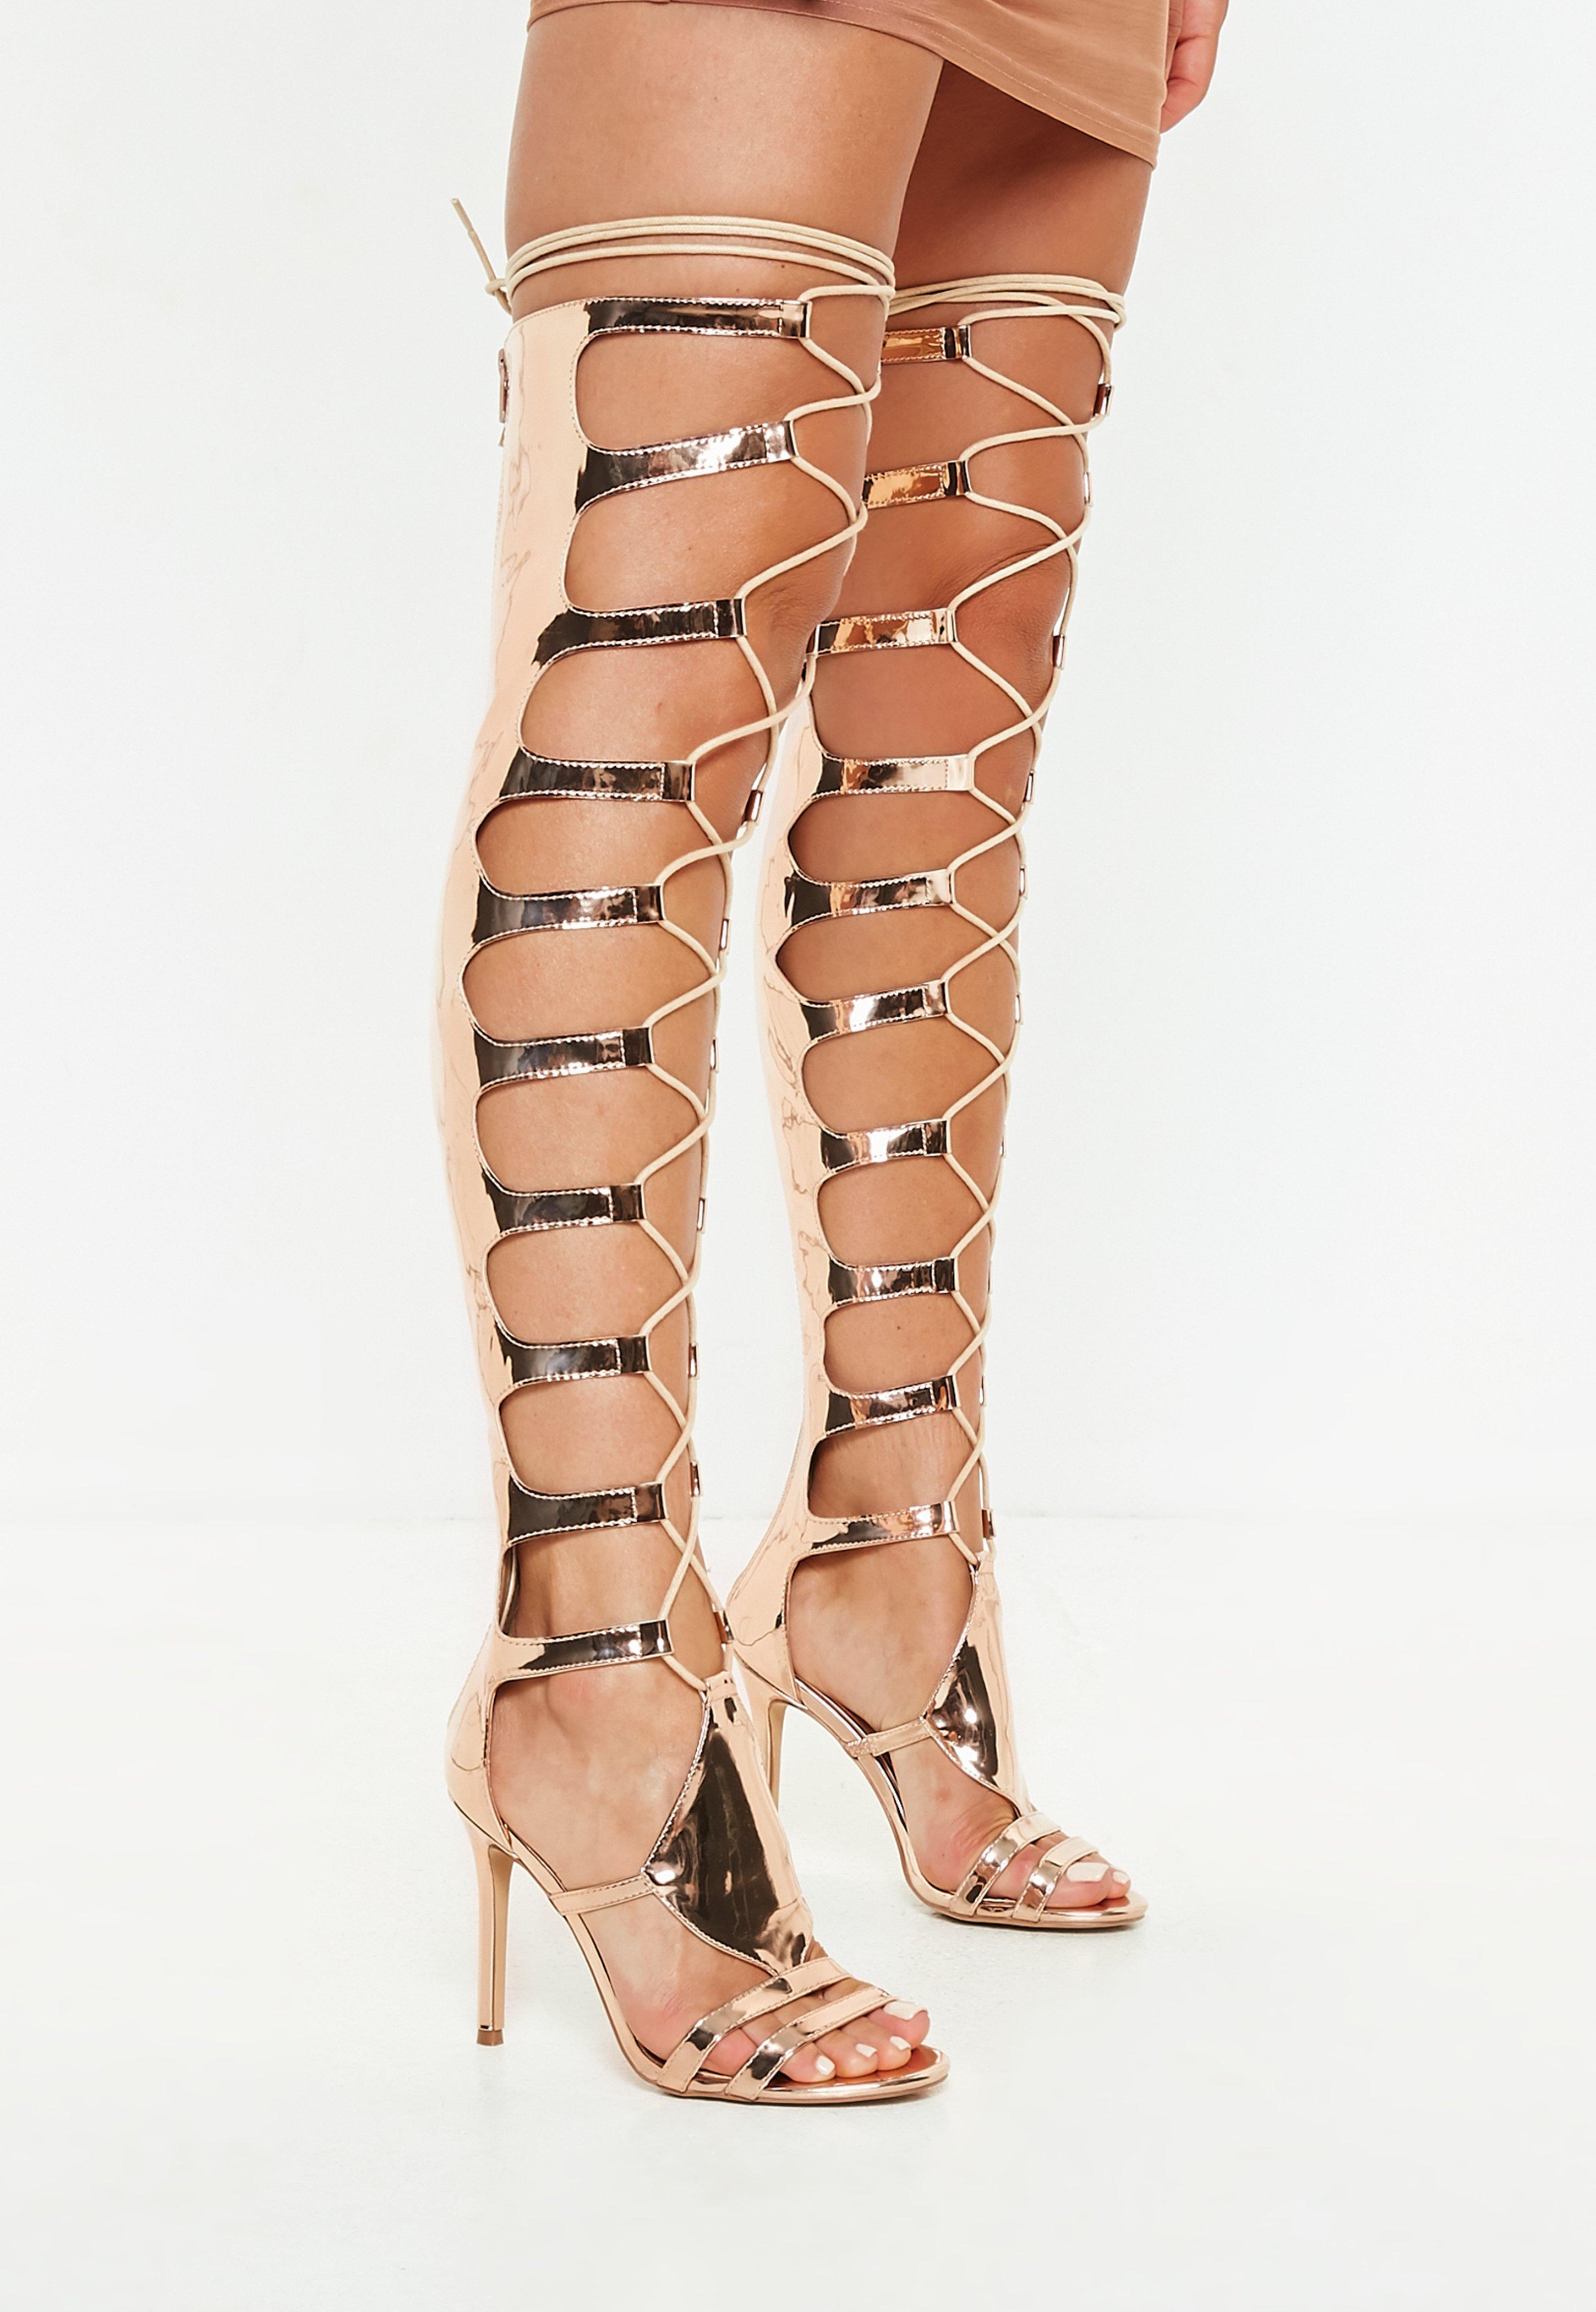 d8d509a32e7 ... Rose Gold High Leg Heeled Gladiator Sandals - Lyst. View fullscreen